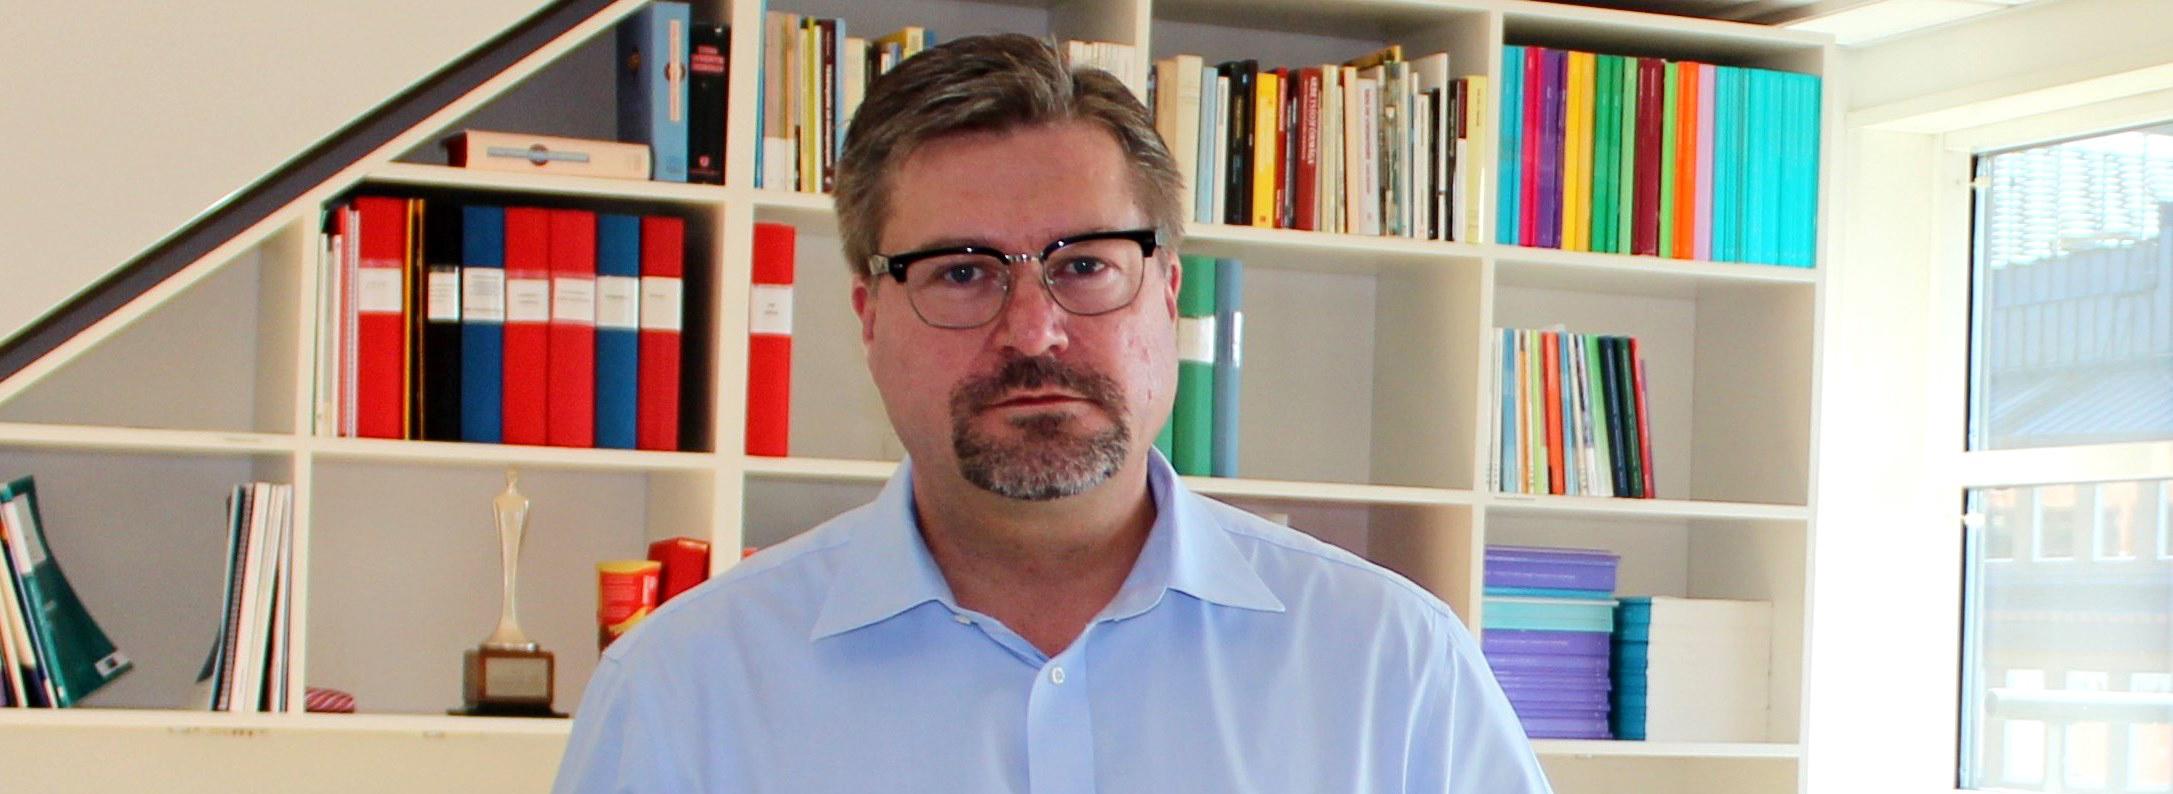 Mikael Sjöberg skal gjenreise tilliten til Arbetsförmedlingen